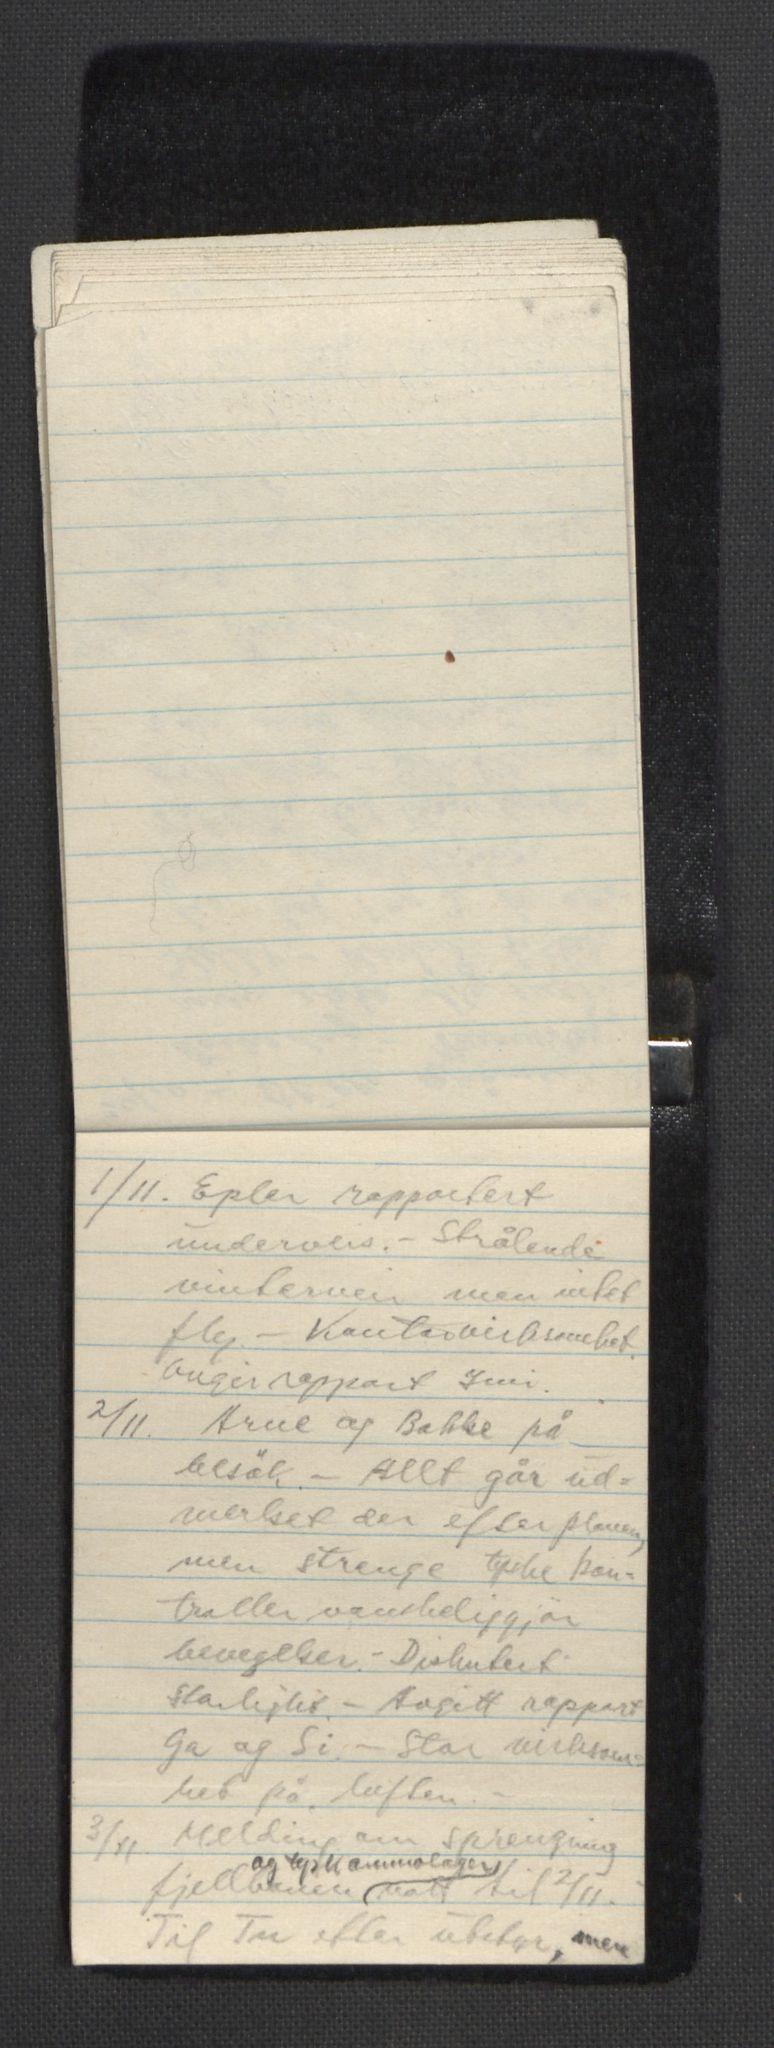 RA, Tronstad, Leif, F/L0001: Dagbøker, 1941-1945, s. 796